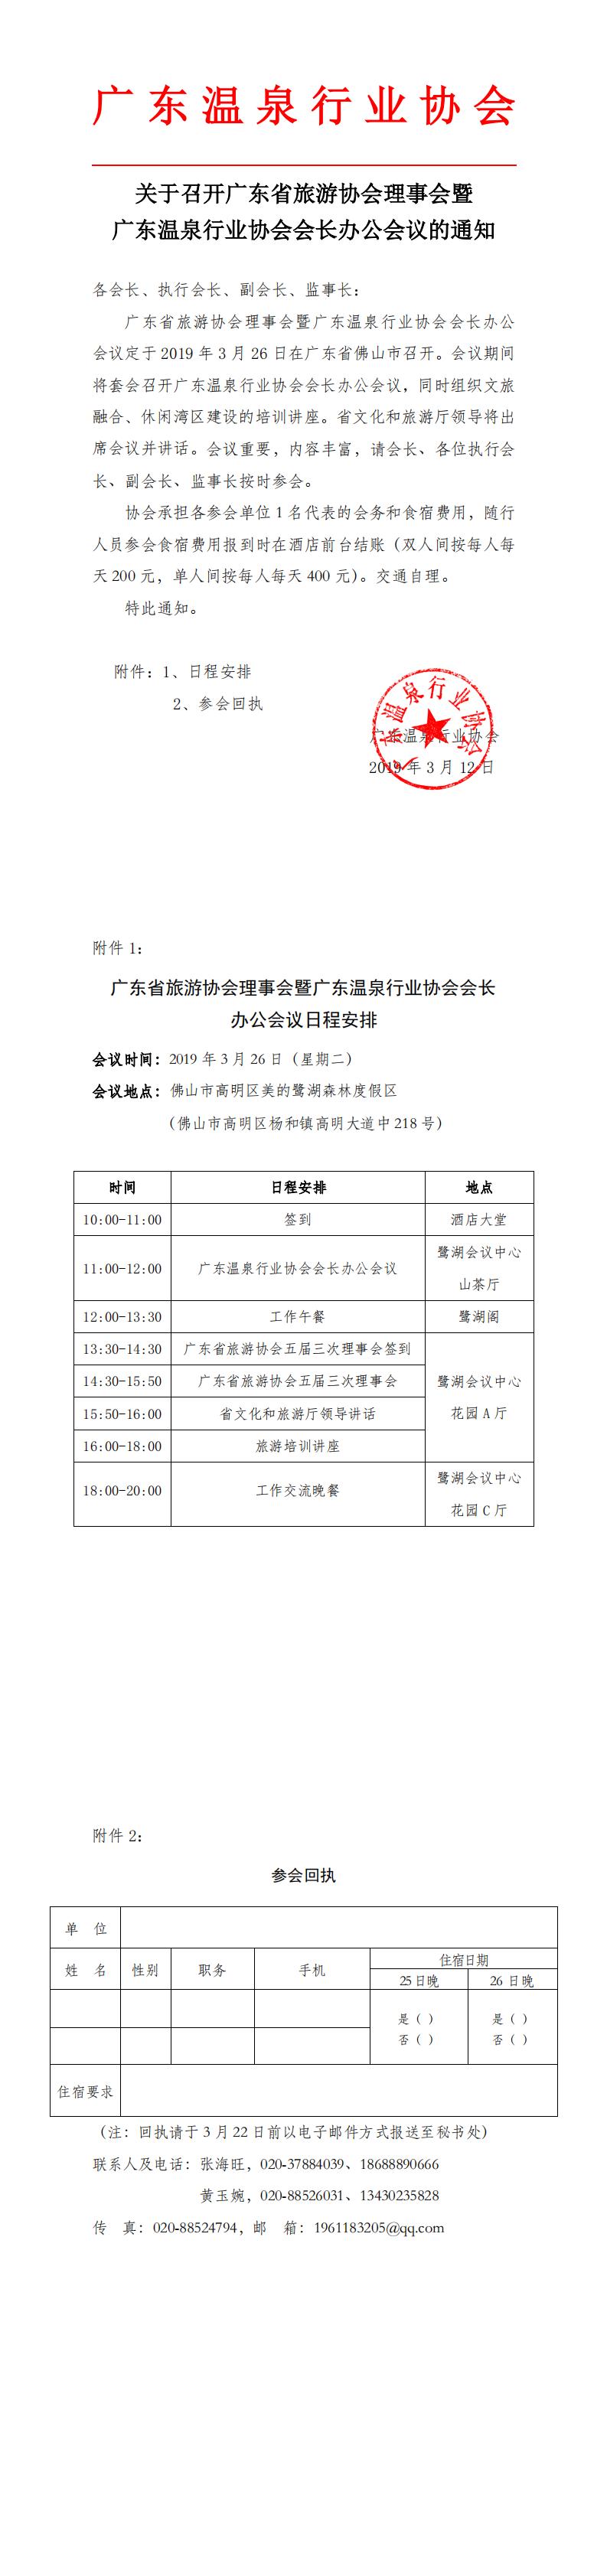 关于召开广东省旅游协会理事会暨广东温泉行业协会会长办公会议的通知_0